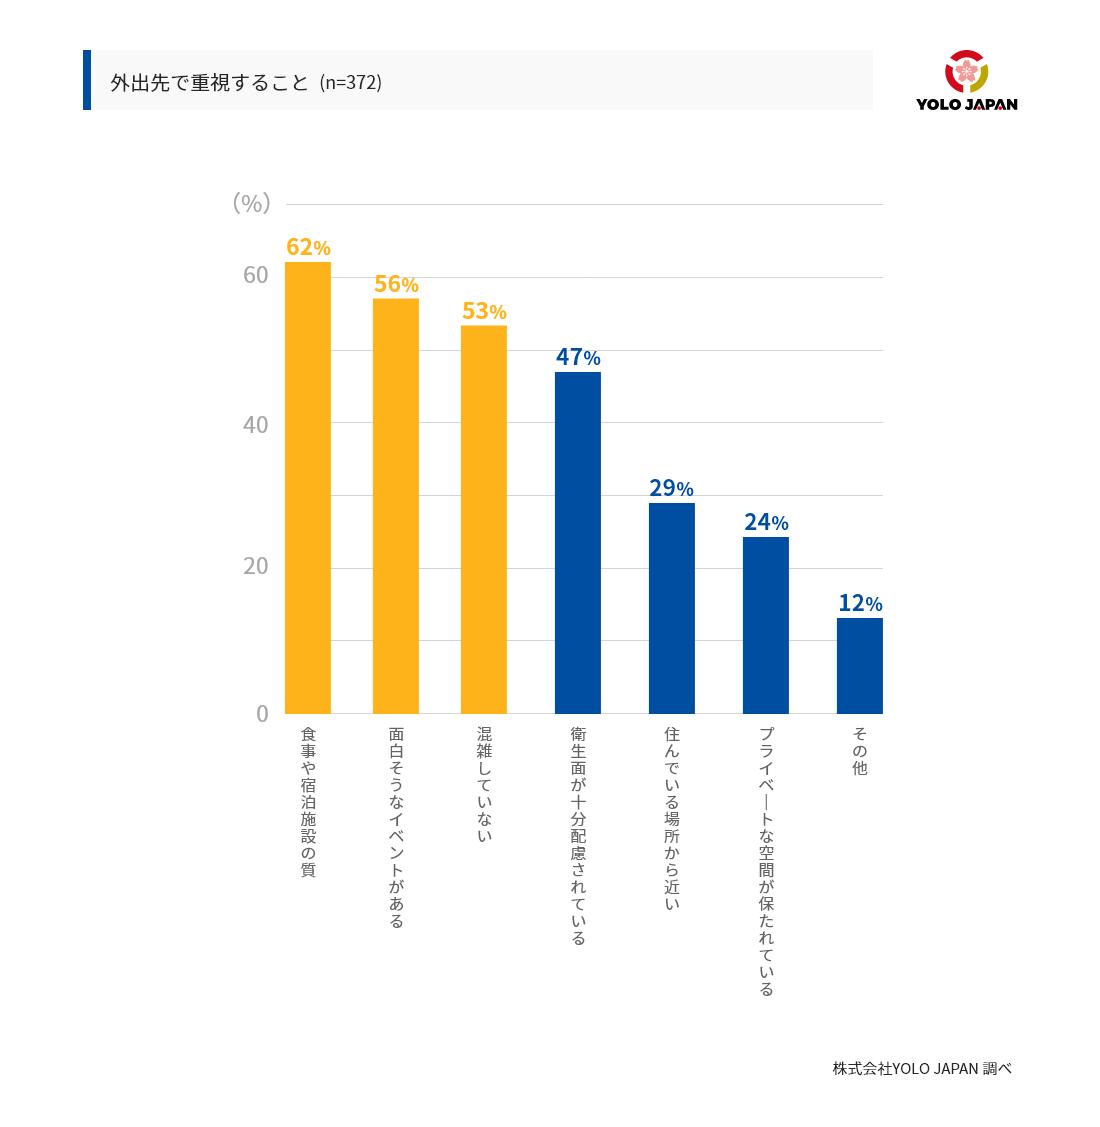 在留外国人が外出先で重視することのランキング。最も表が多かったのは、食事や宿泊施設の質が高いことで62%を占めていた。